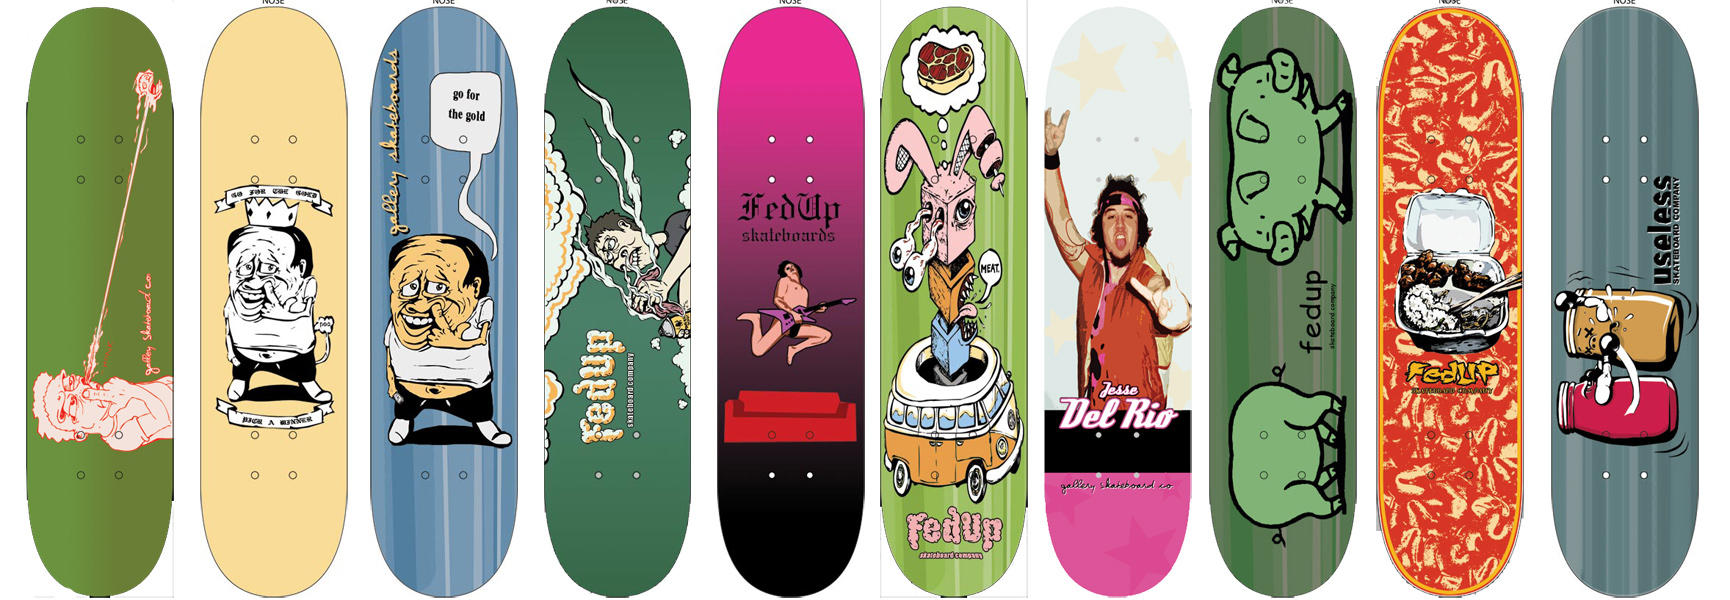 skateboard designs random by kirkfinger on deviantart